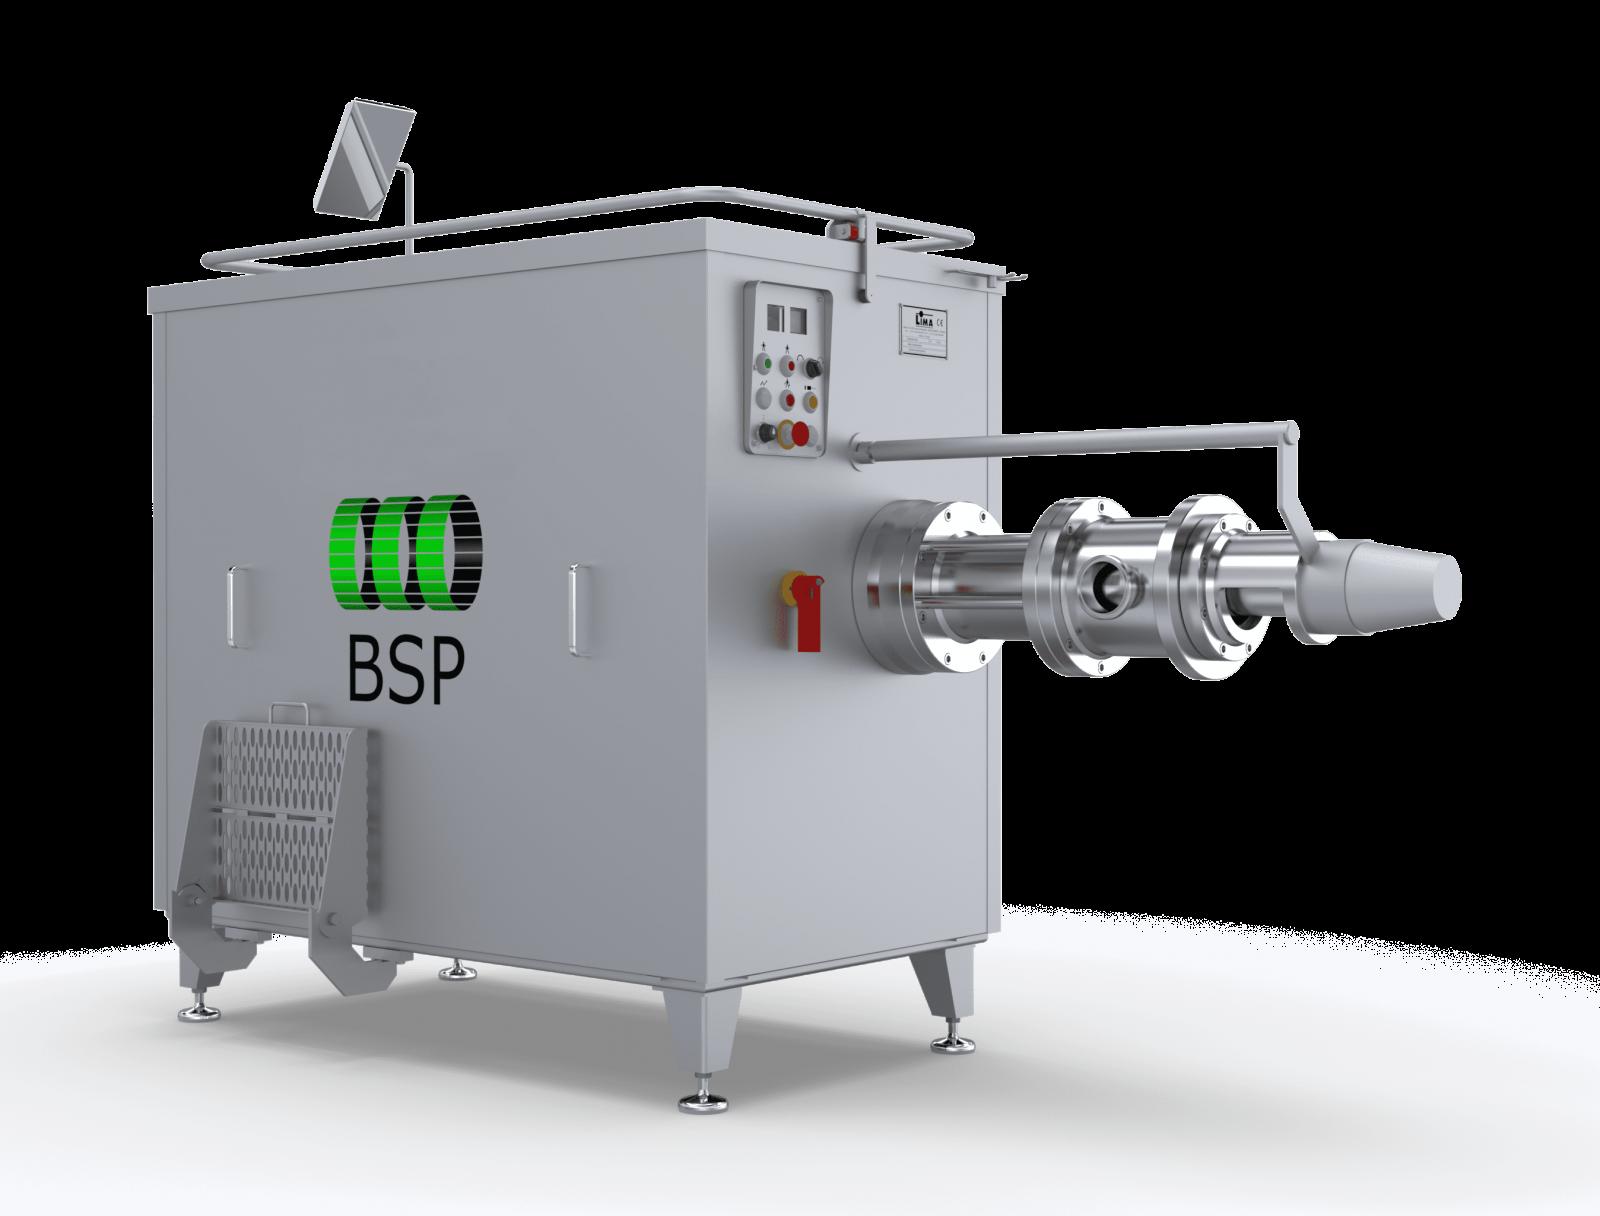 Separadoras carne de vacuno-hueso gama BSP & BSPM